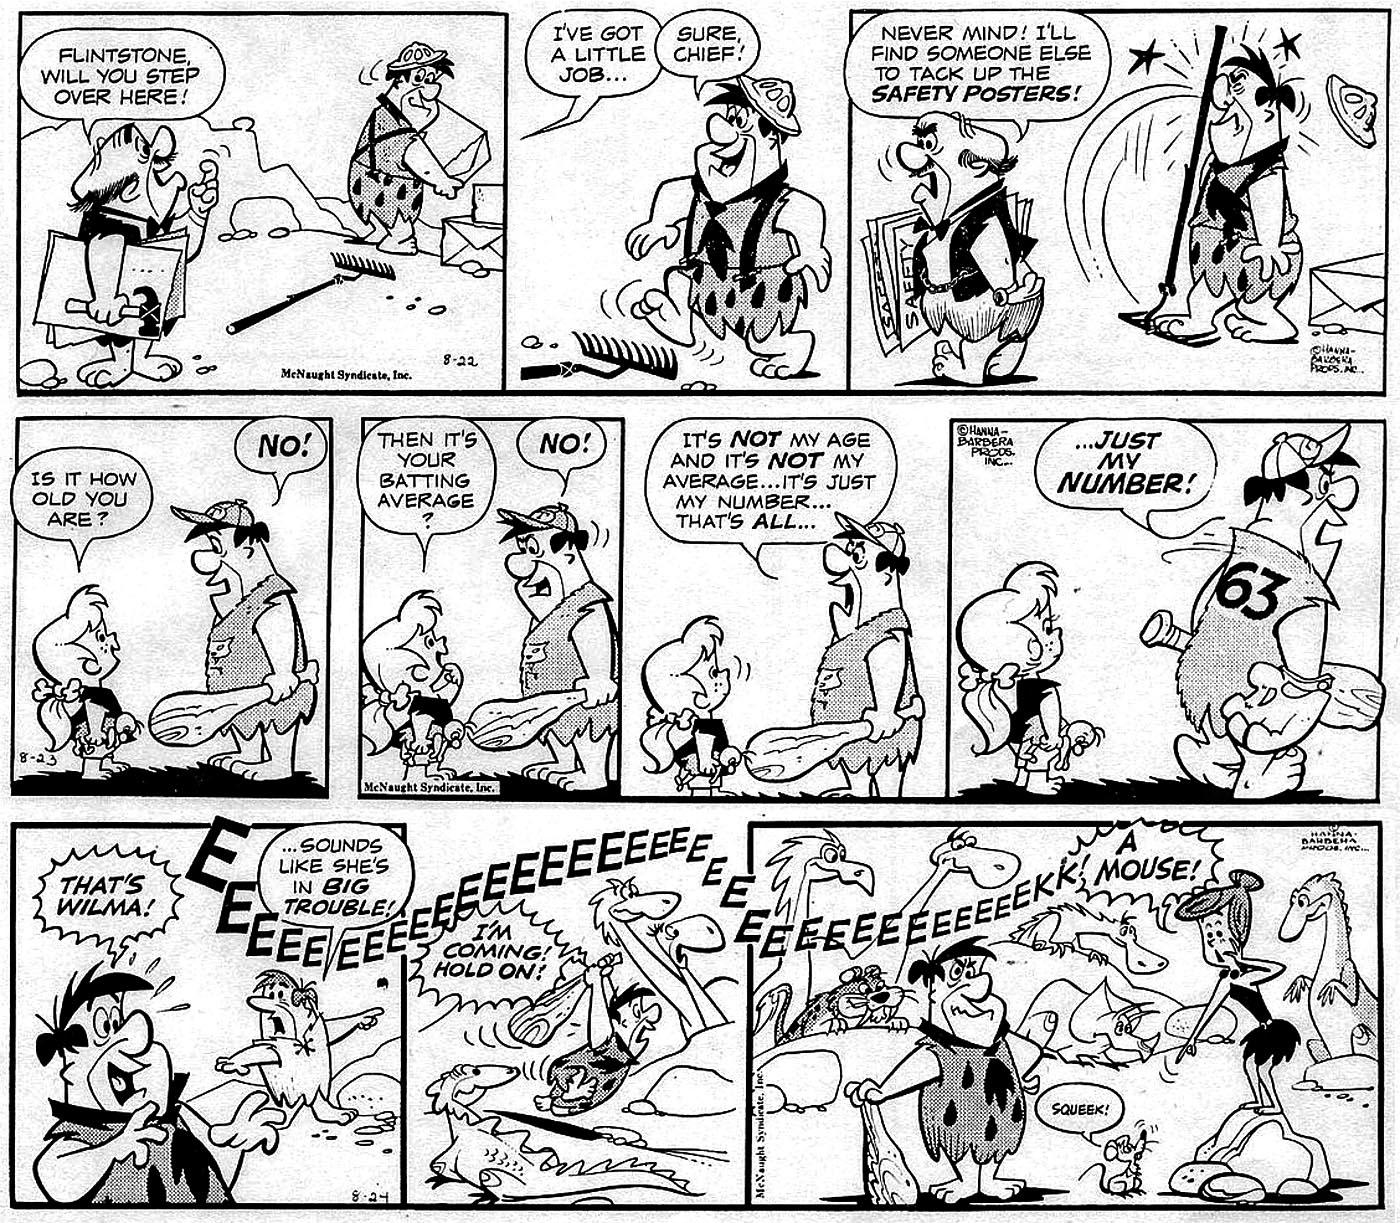 1400x1223 Inbetweens Gene Hazelton's Flintstones Comic Strip